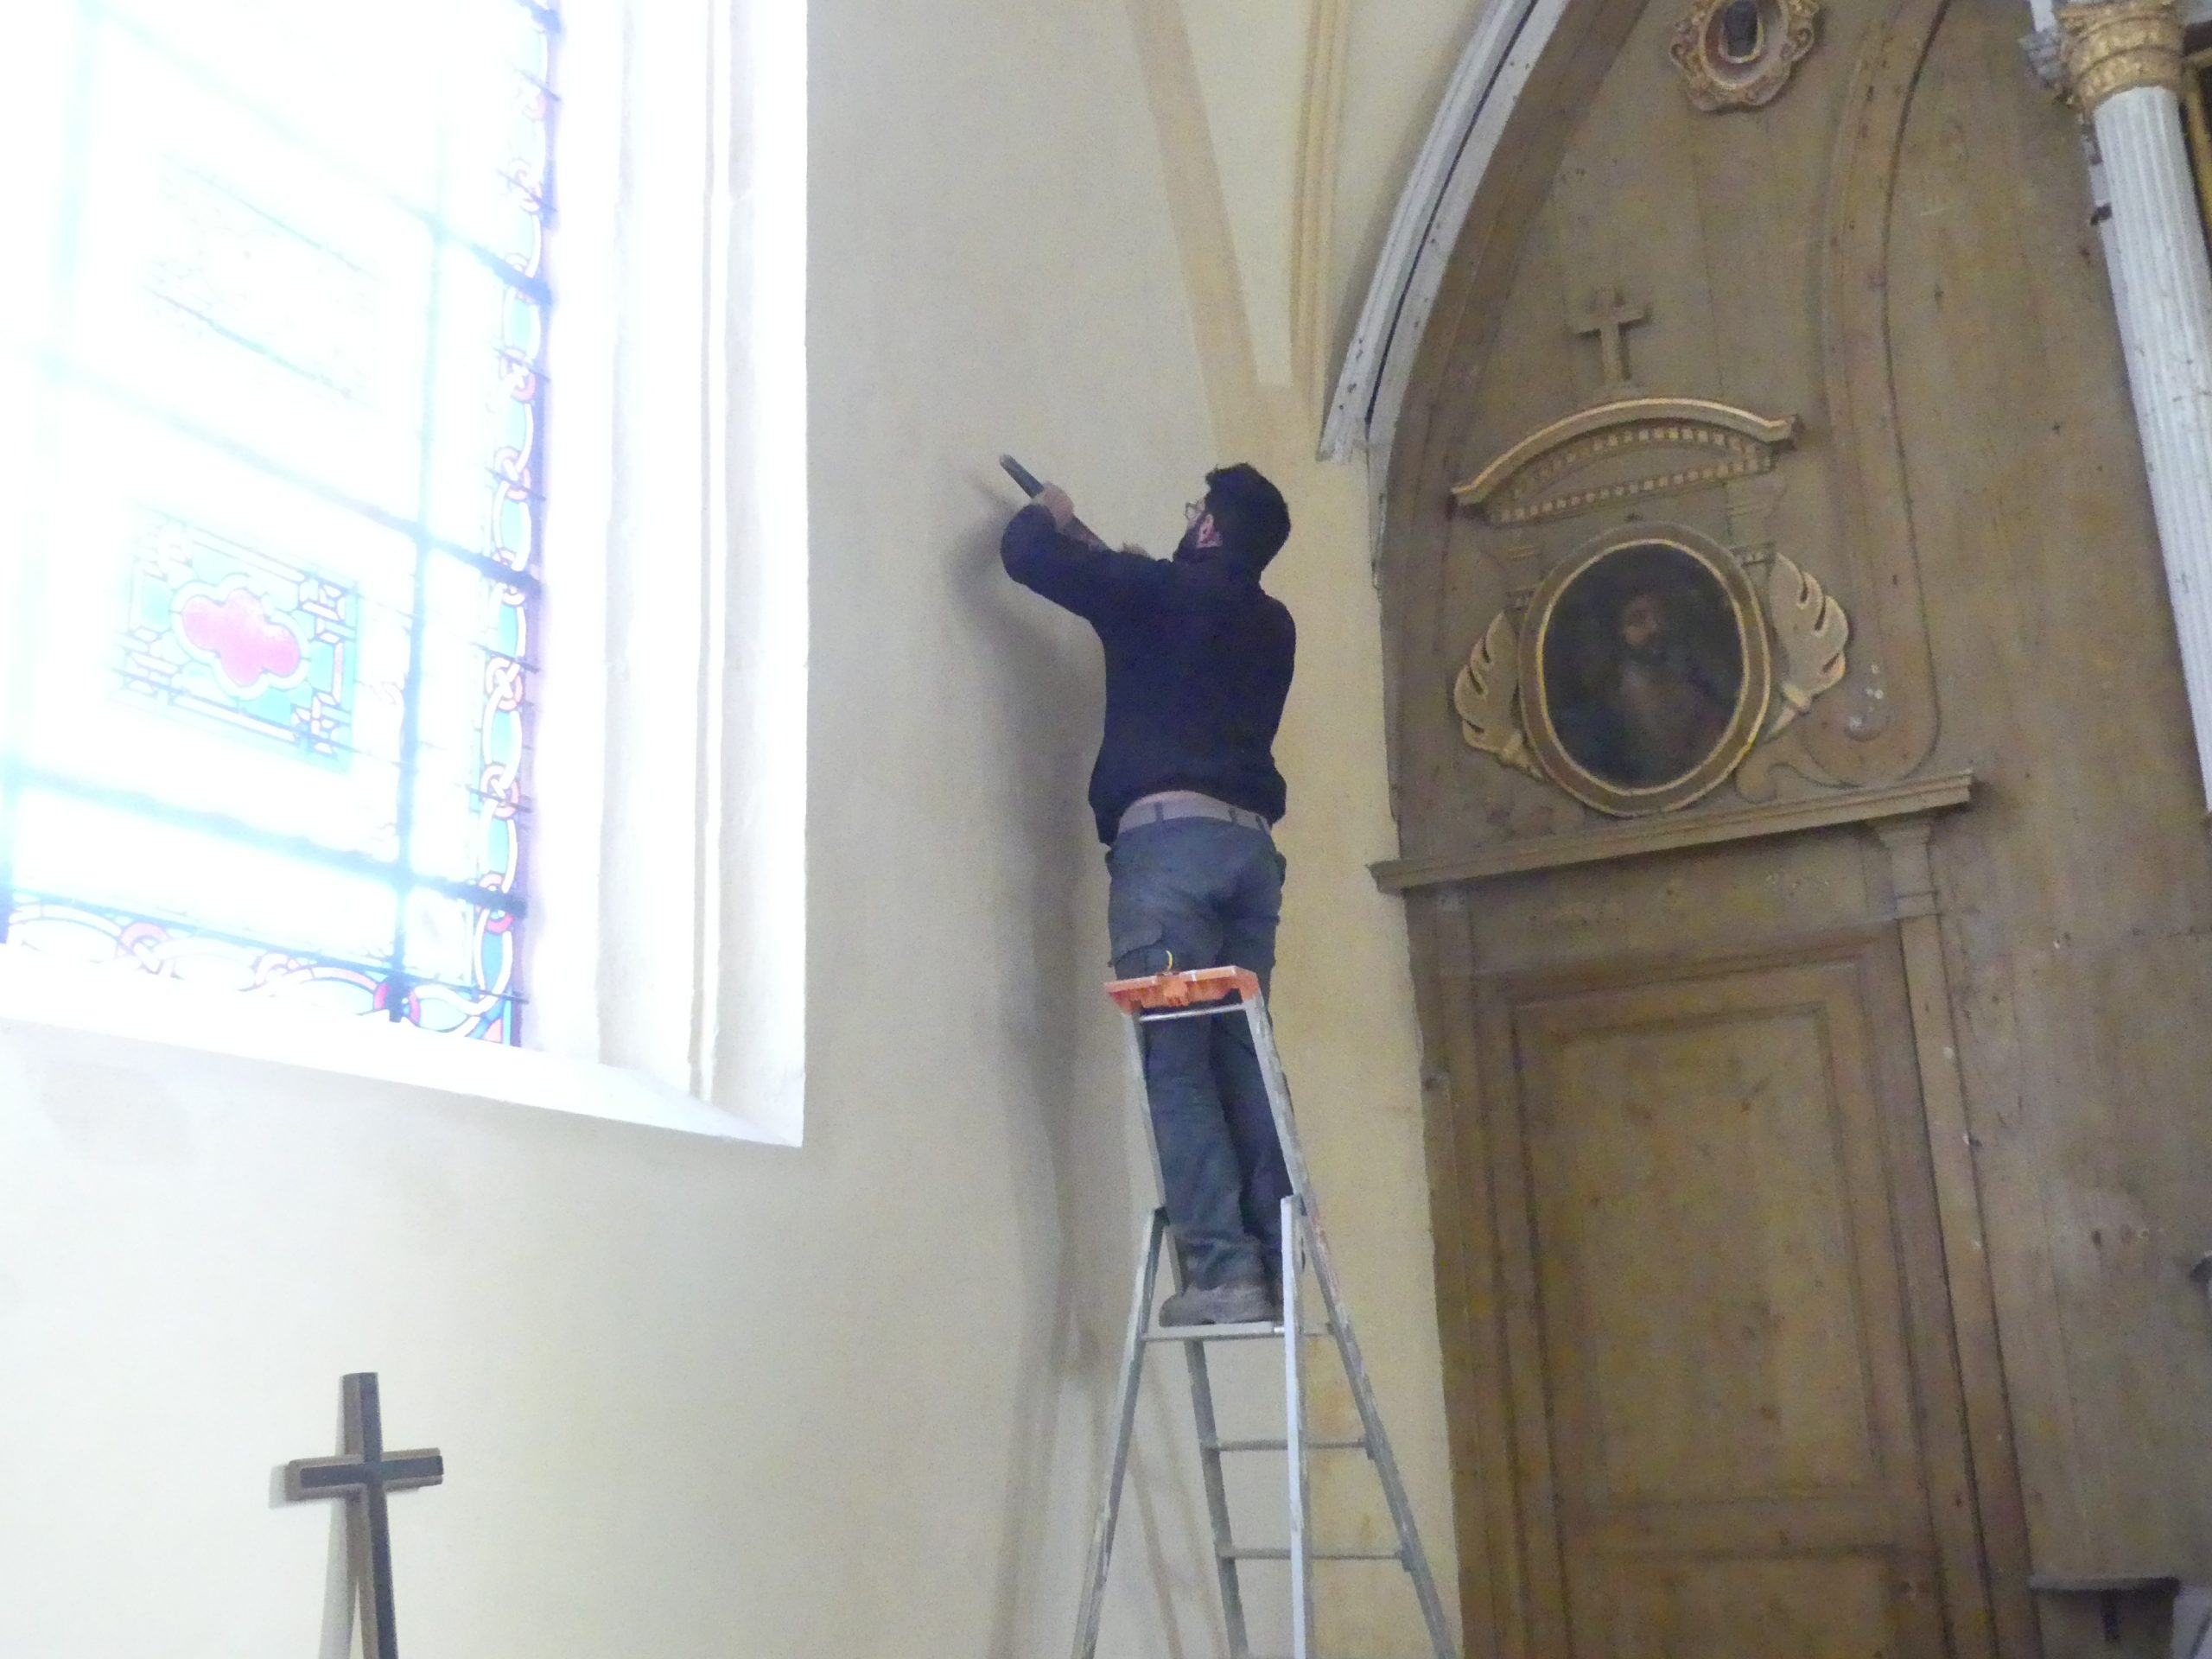 Ars - Eglise - Remise en place des éléments de piété - 26 novembre 2019